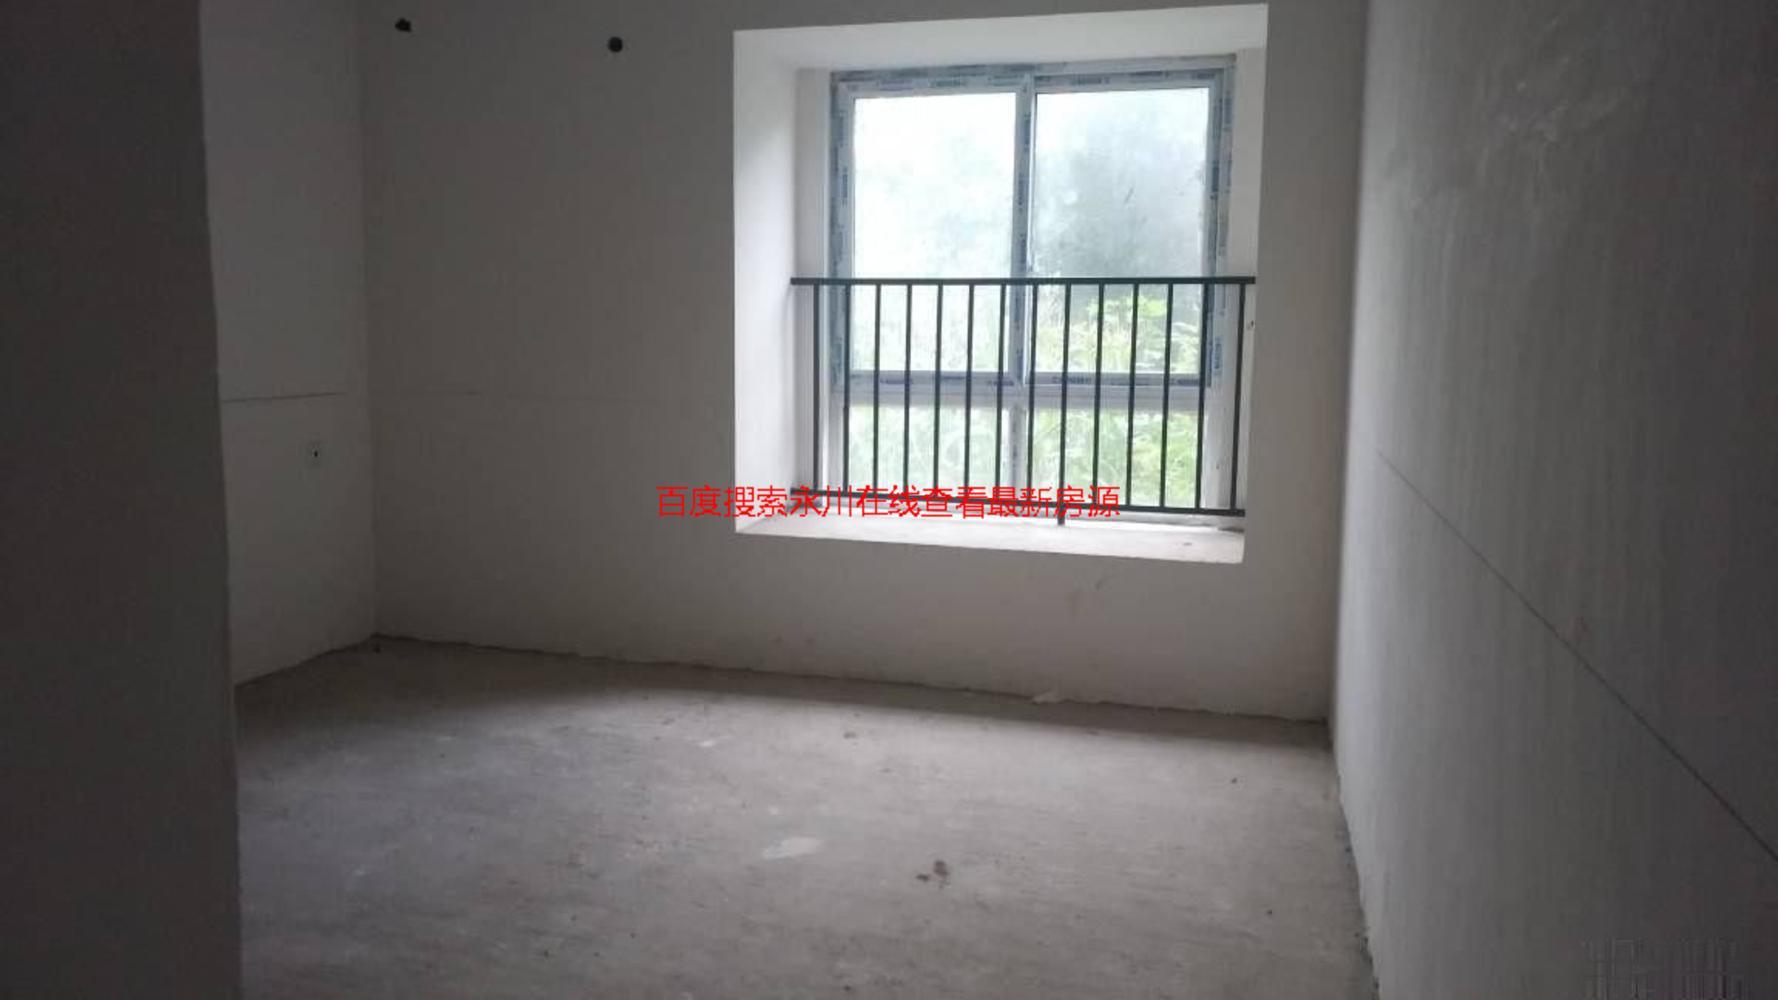 永川新区兴龙湖旁品质小区置铖御府电梯洋房一楼带前后花园出售